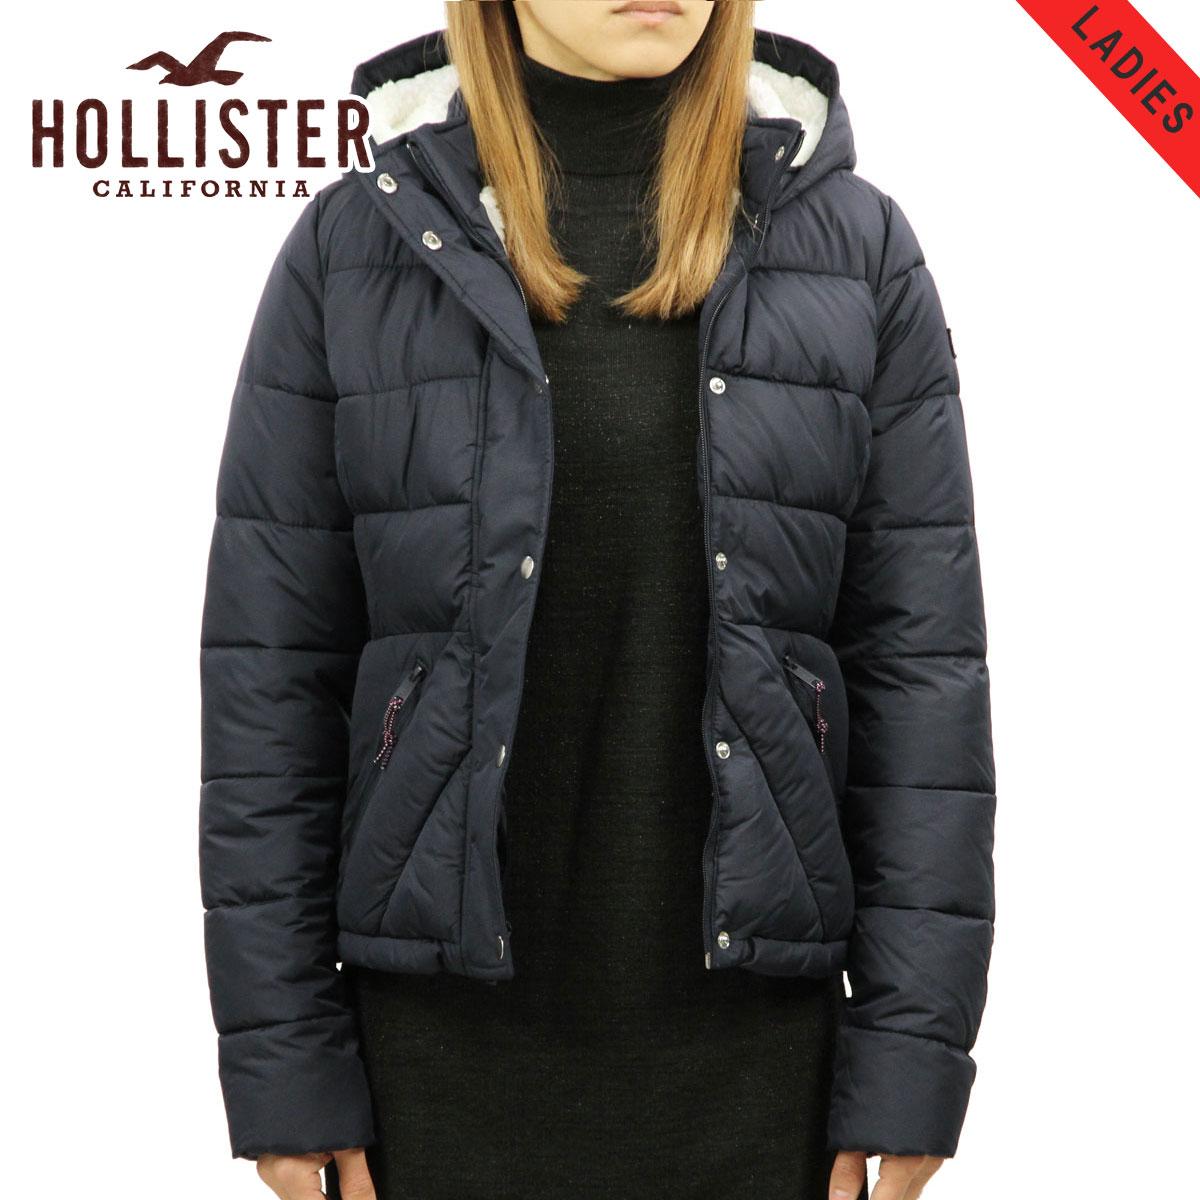 ホリスター HOLLISTER 正規品 レディース アウター パファージャケット Sherpa-Lined Puffer Jacket 344-445-0570-200